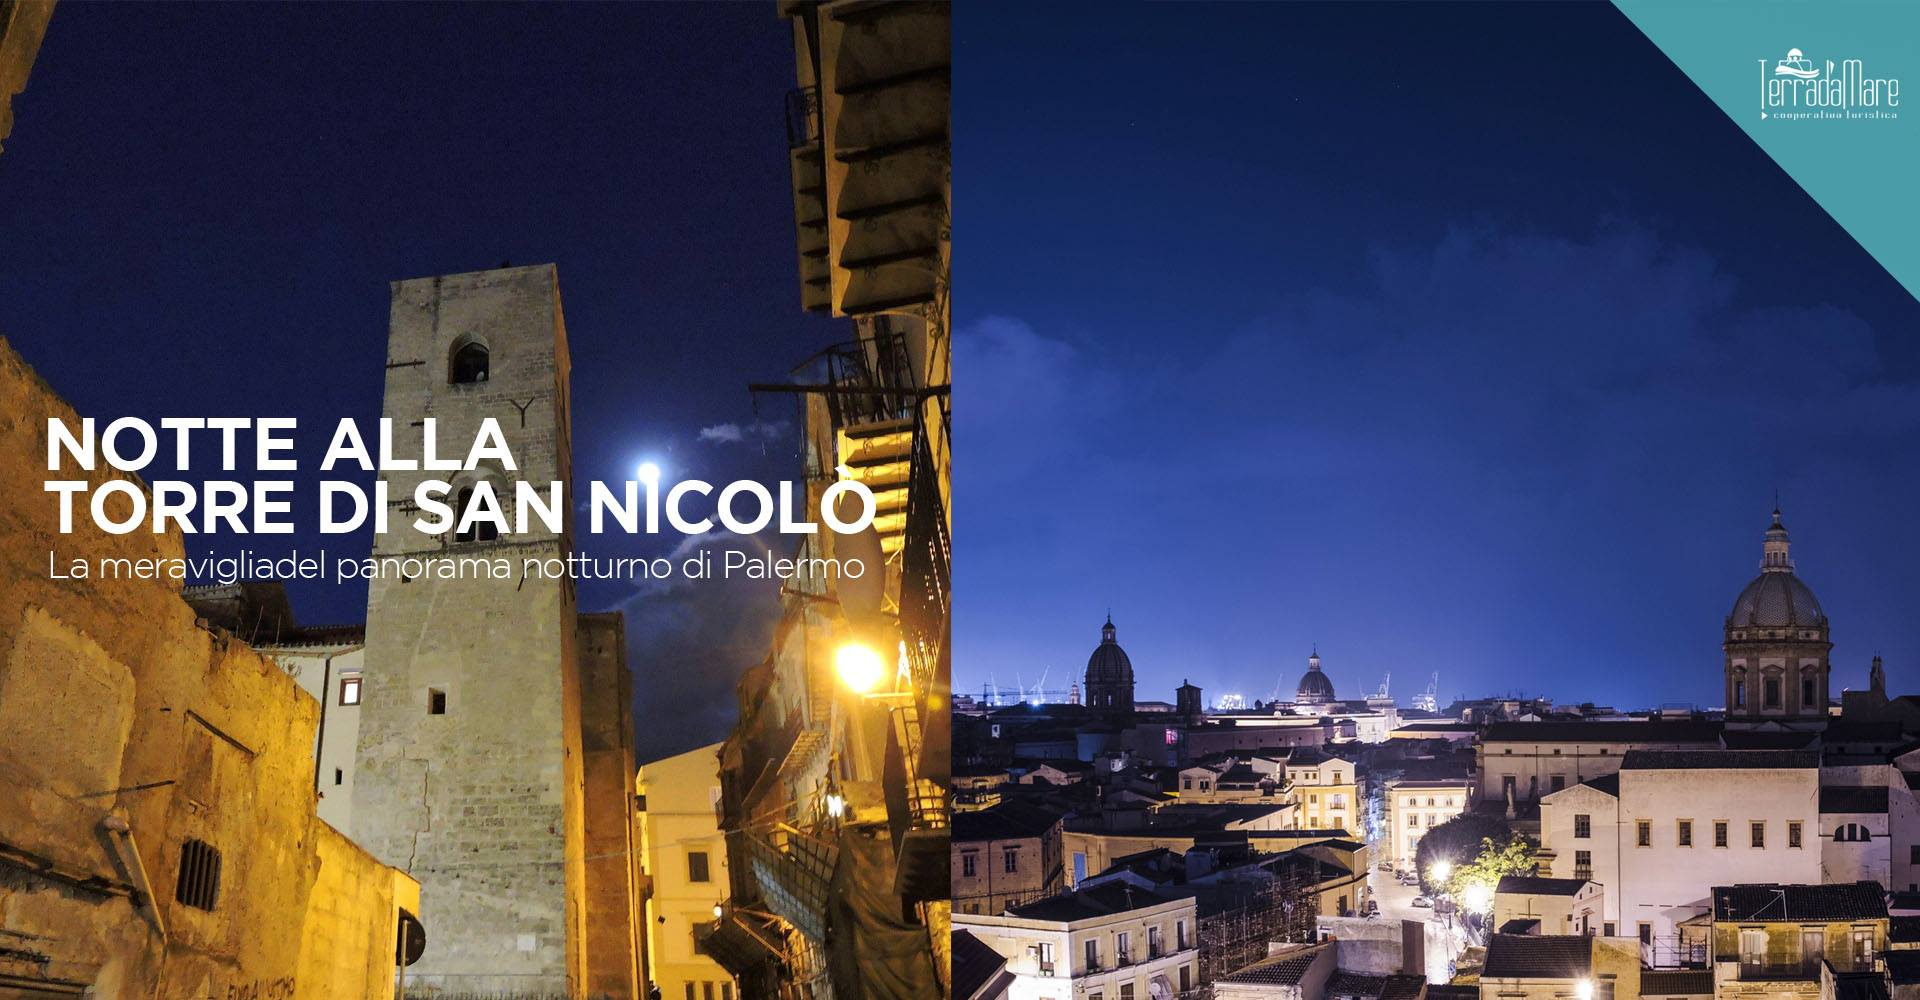 Notte alla Torre di San Nicolò. La vista più bella di Palermo - SOSPESA CAUSA DPCM